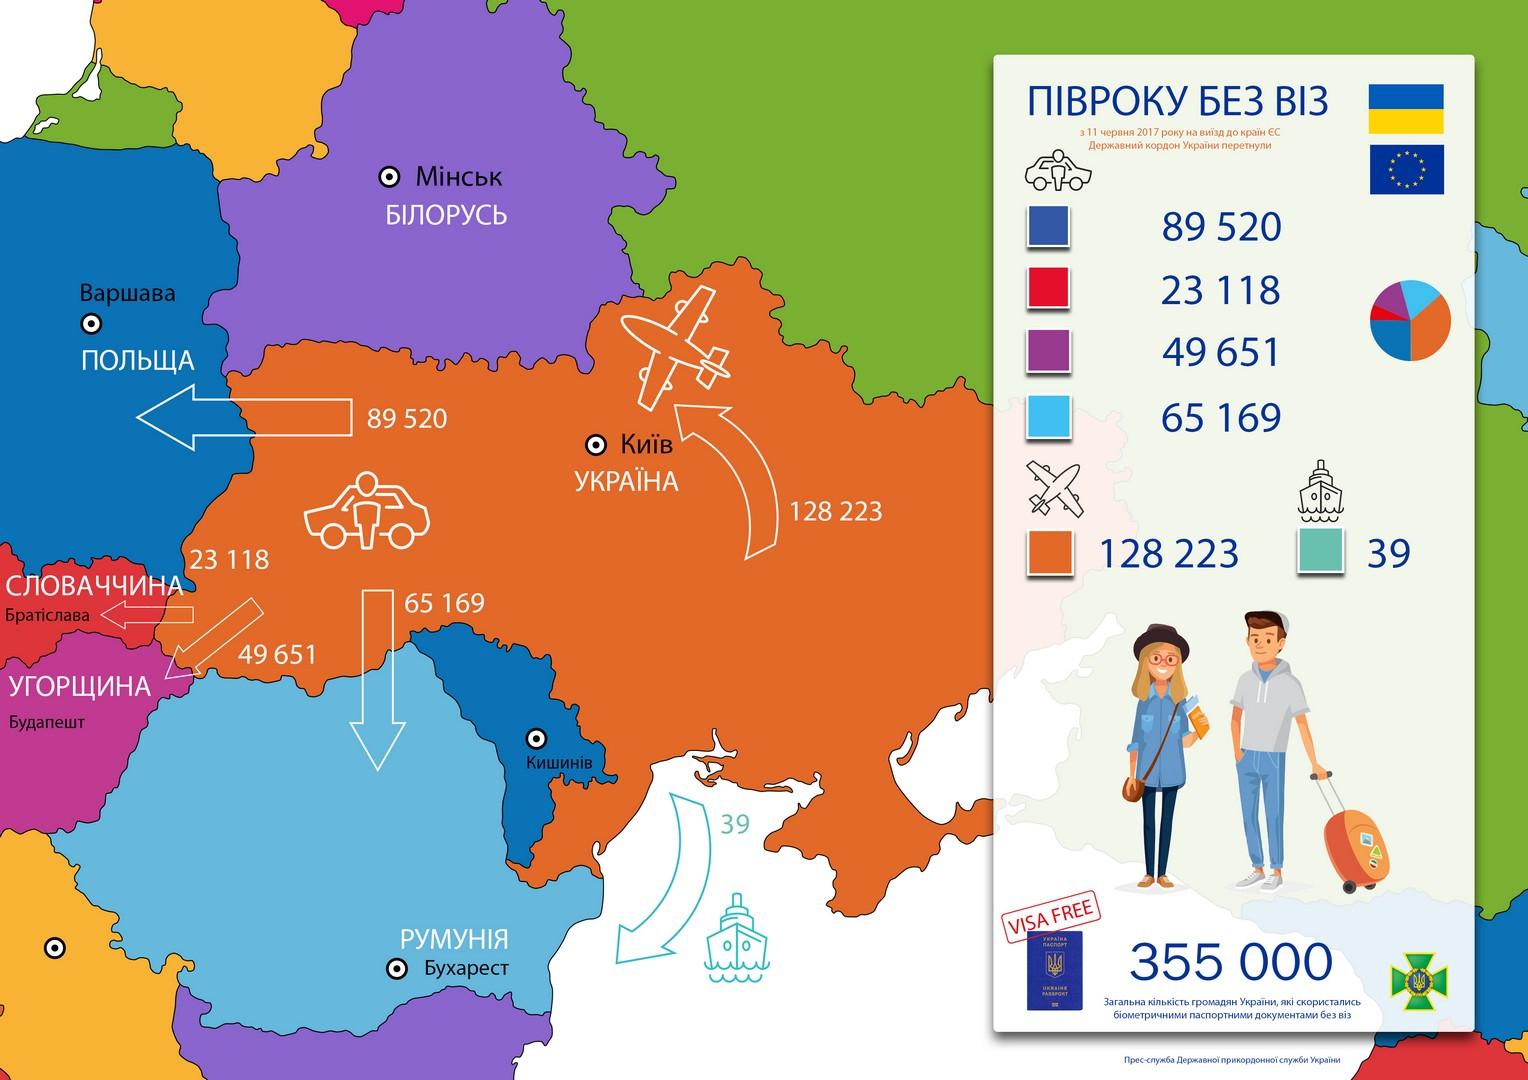 Упрощенным режимом заезда вЕС воспользовались уже 335 тыс украинцев— Полгода безвиза